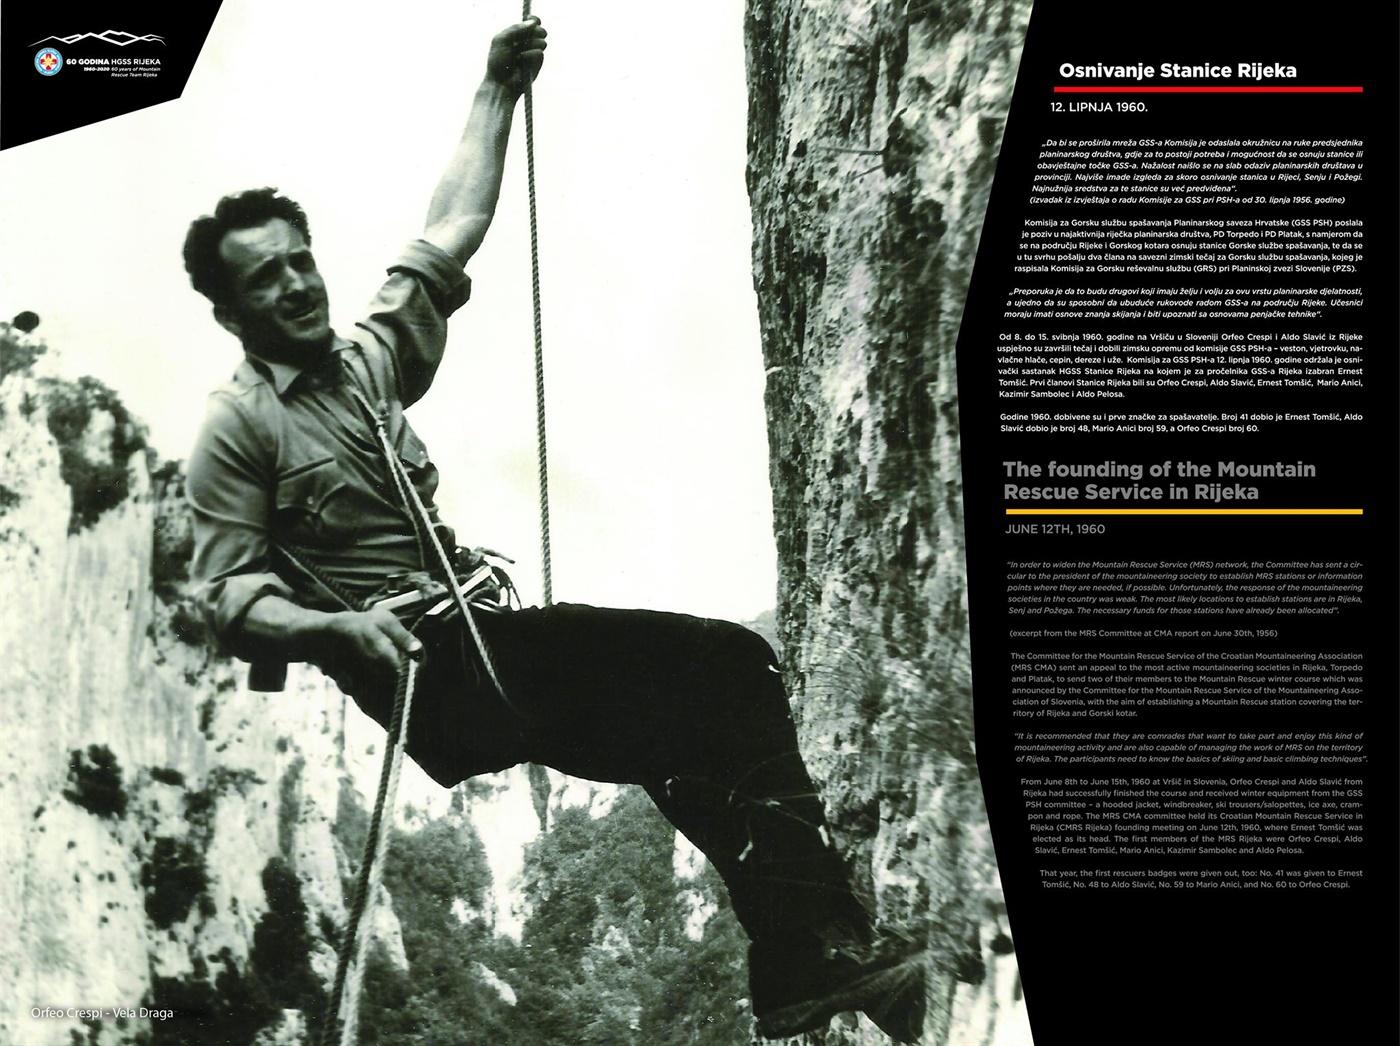 Osnivanje Stanice Rijeka,12. lipnja 1960. (60 god. HGSS Rijeka - plakat 2/18)